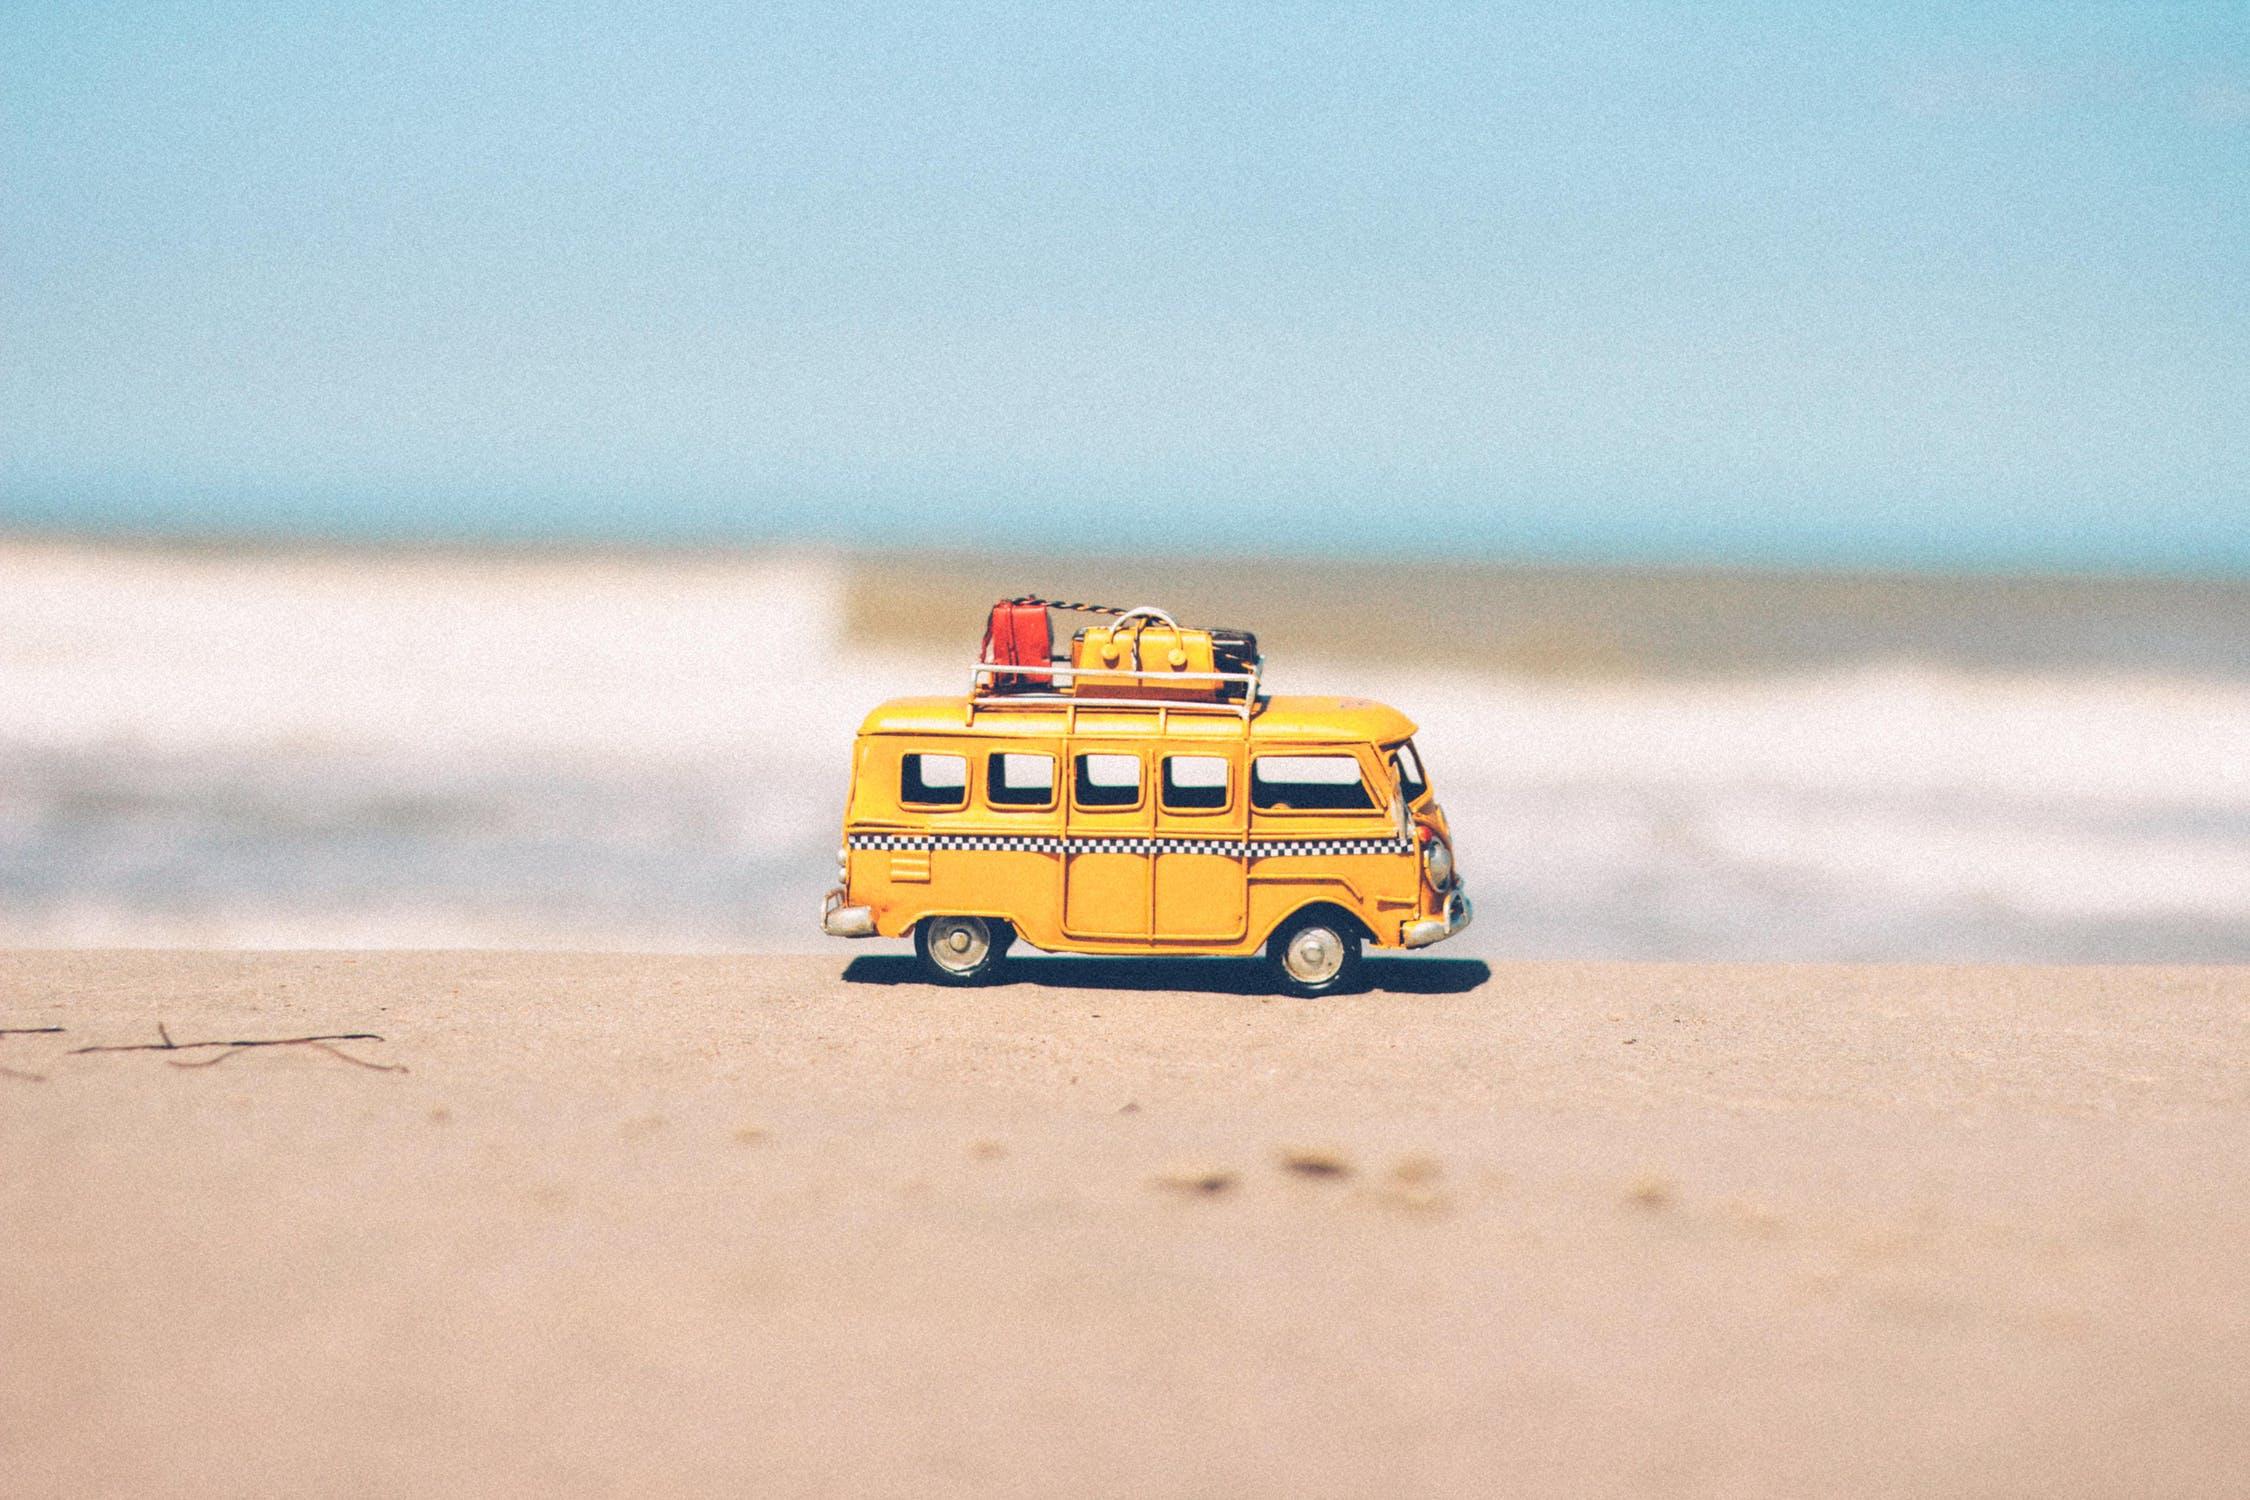 Choix de la destination, souvenirs les plus marquants lors d'un voyage : le voyageur en 2018